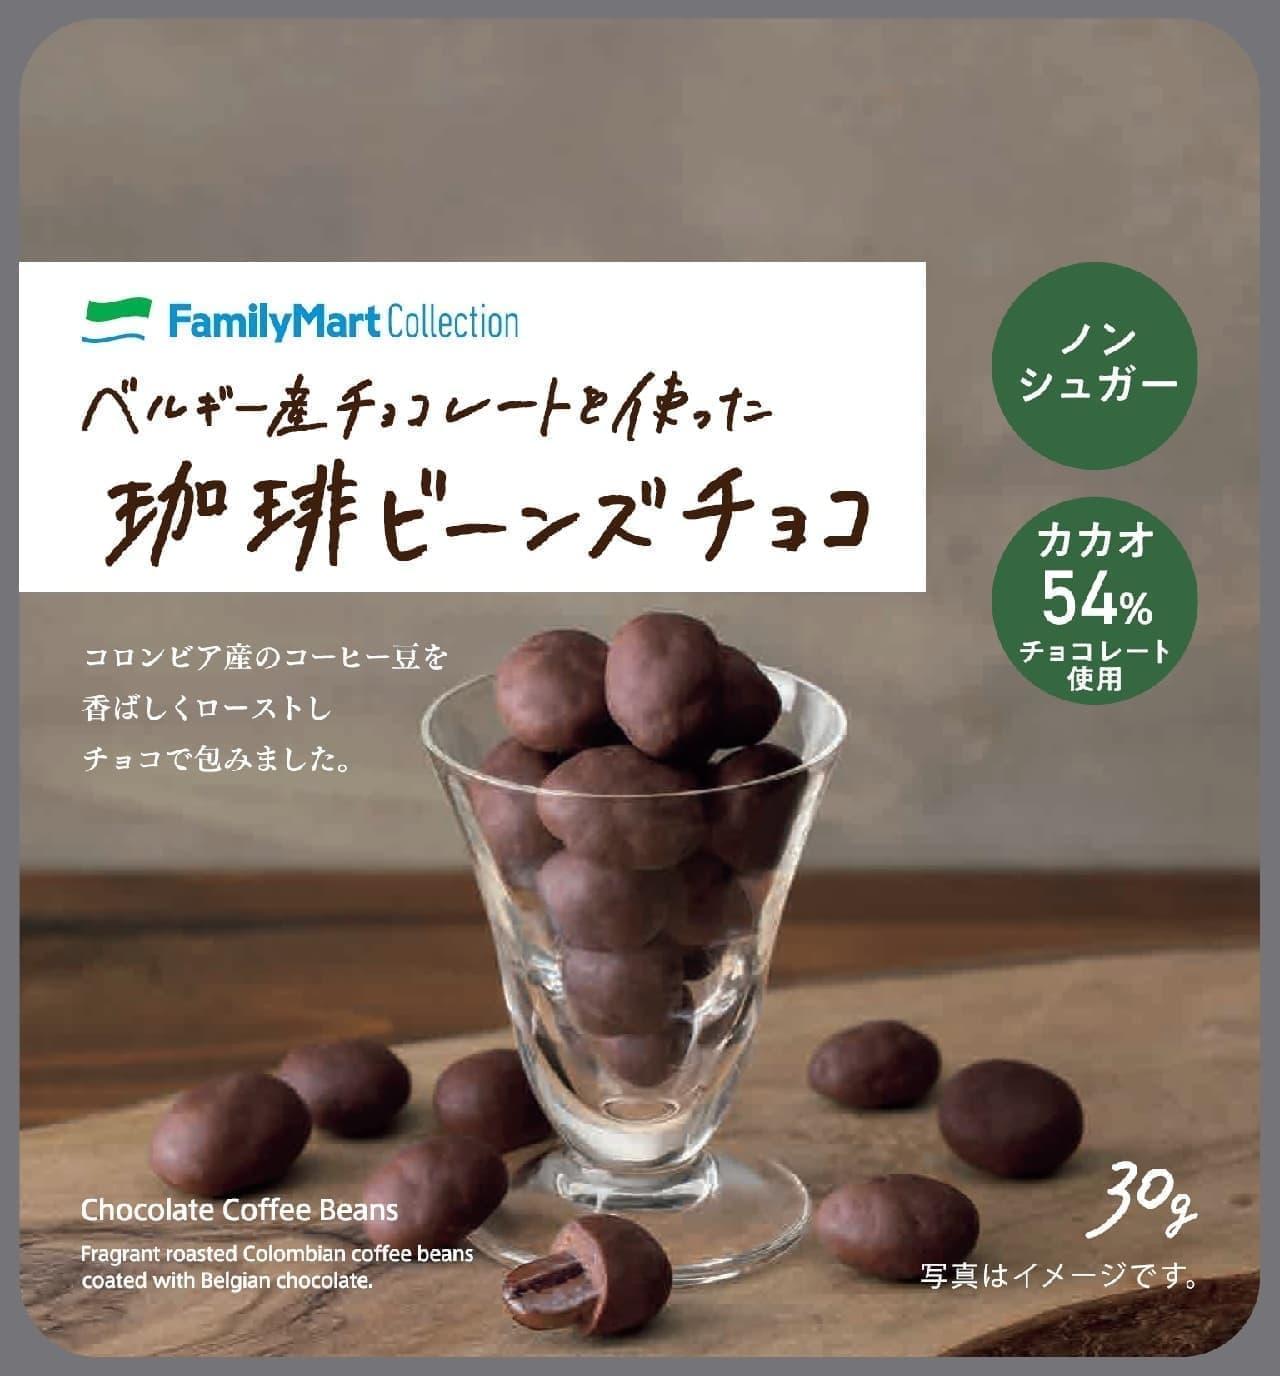 ファミリーマート「ベルギー産チョコレートを使った珈琲ビーンズチョコ」